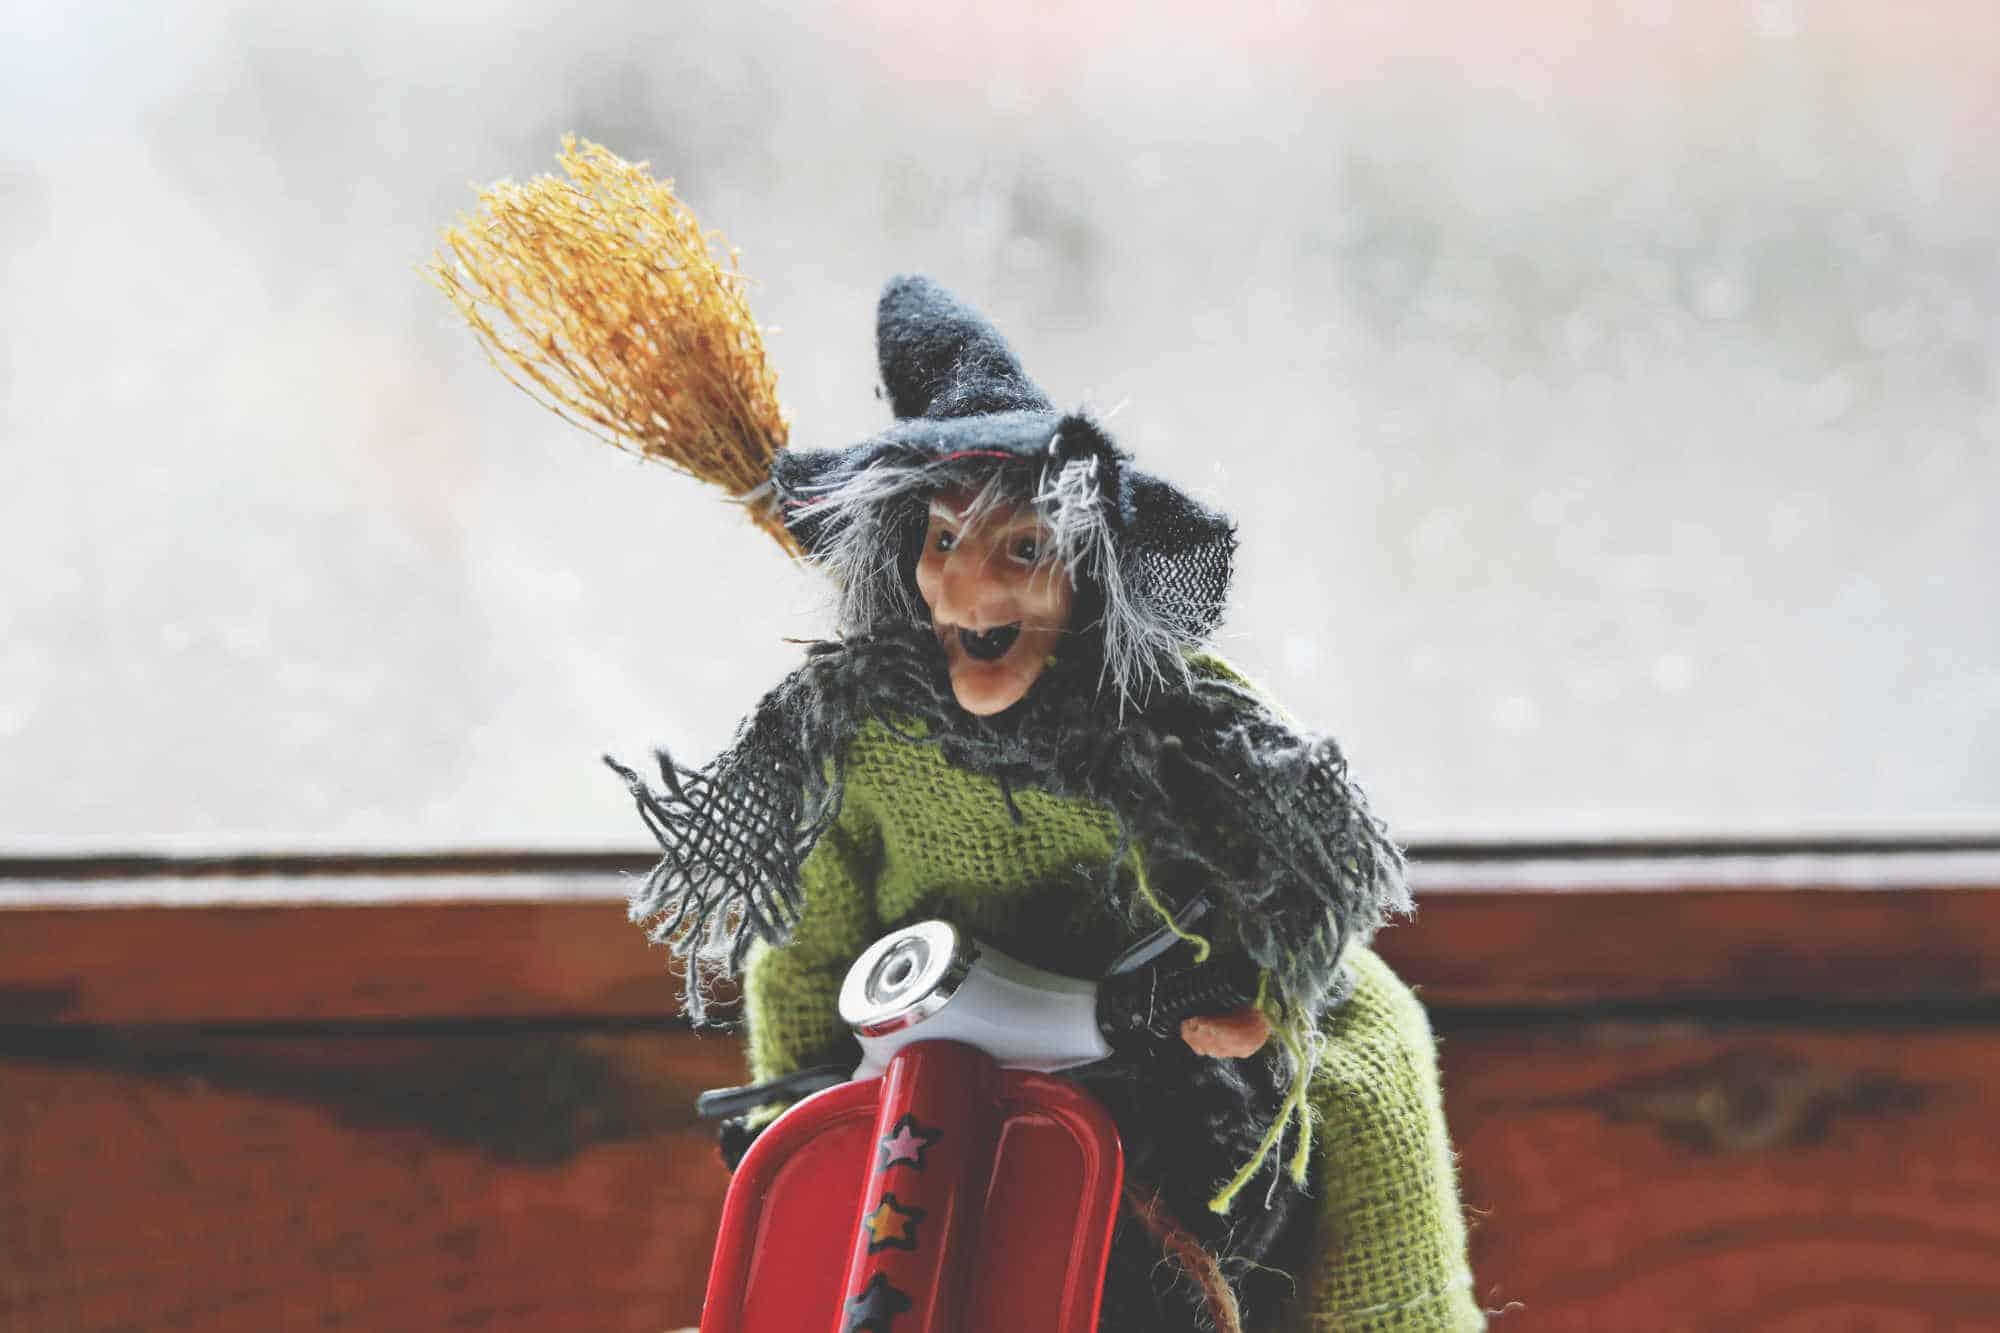 heksen thee